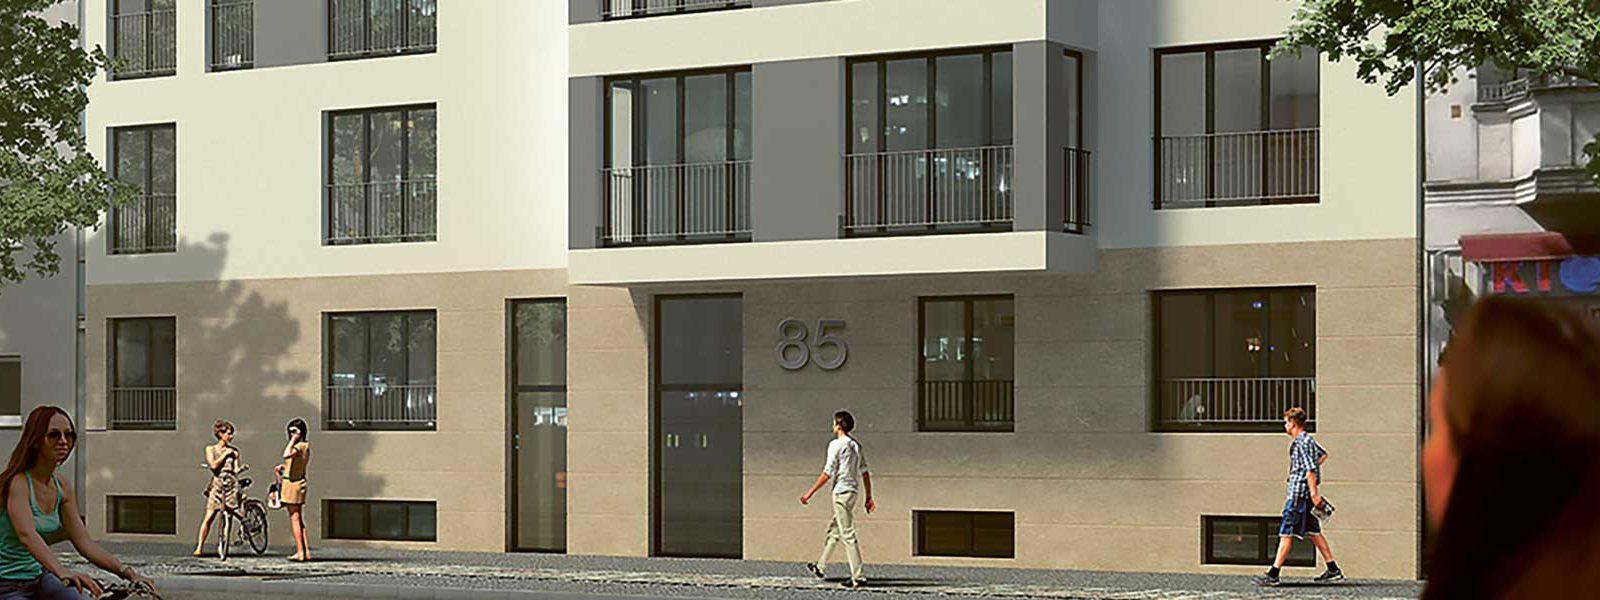 L85 – Привлекательные квартиры-студии для выгодных инвестиций